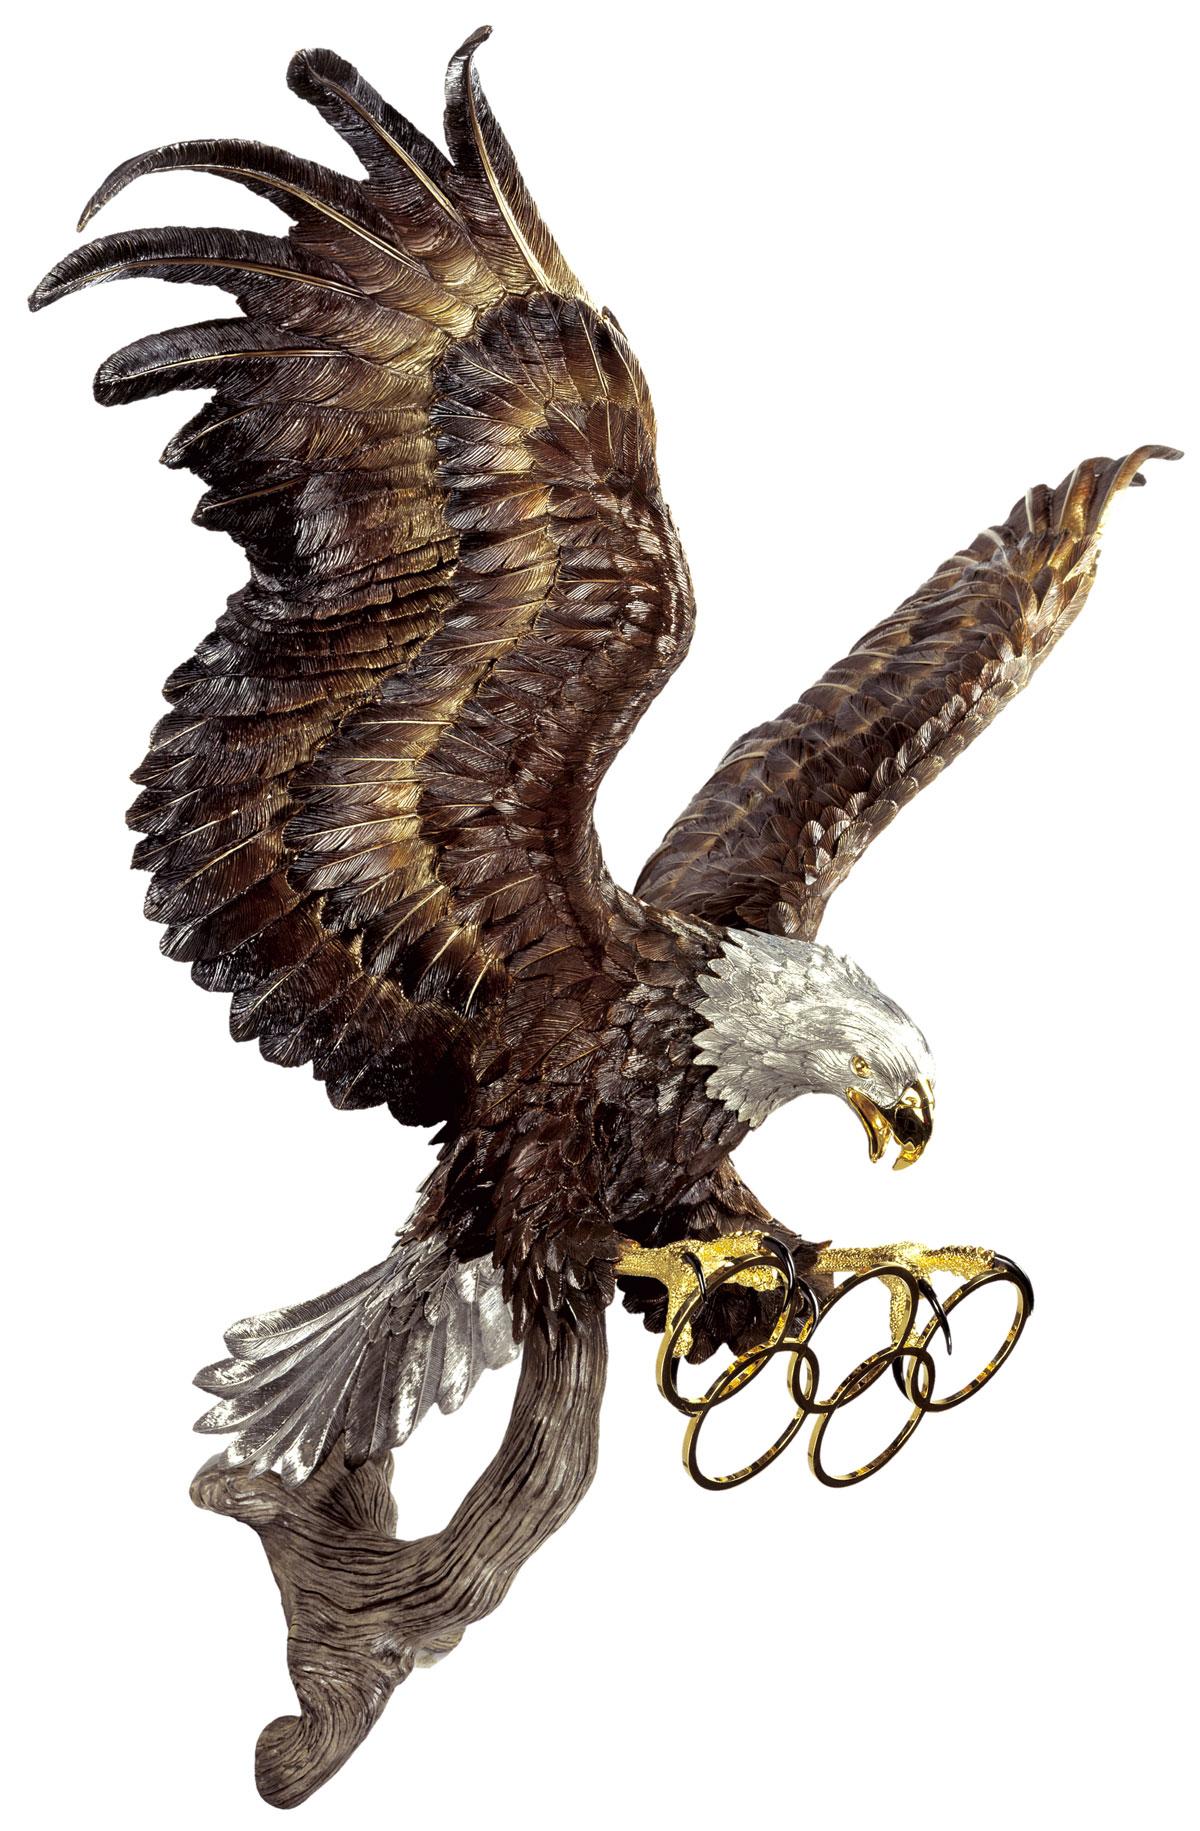 Thunderbird Custom Wall Sculpture - Bronze Eagle Sculpture